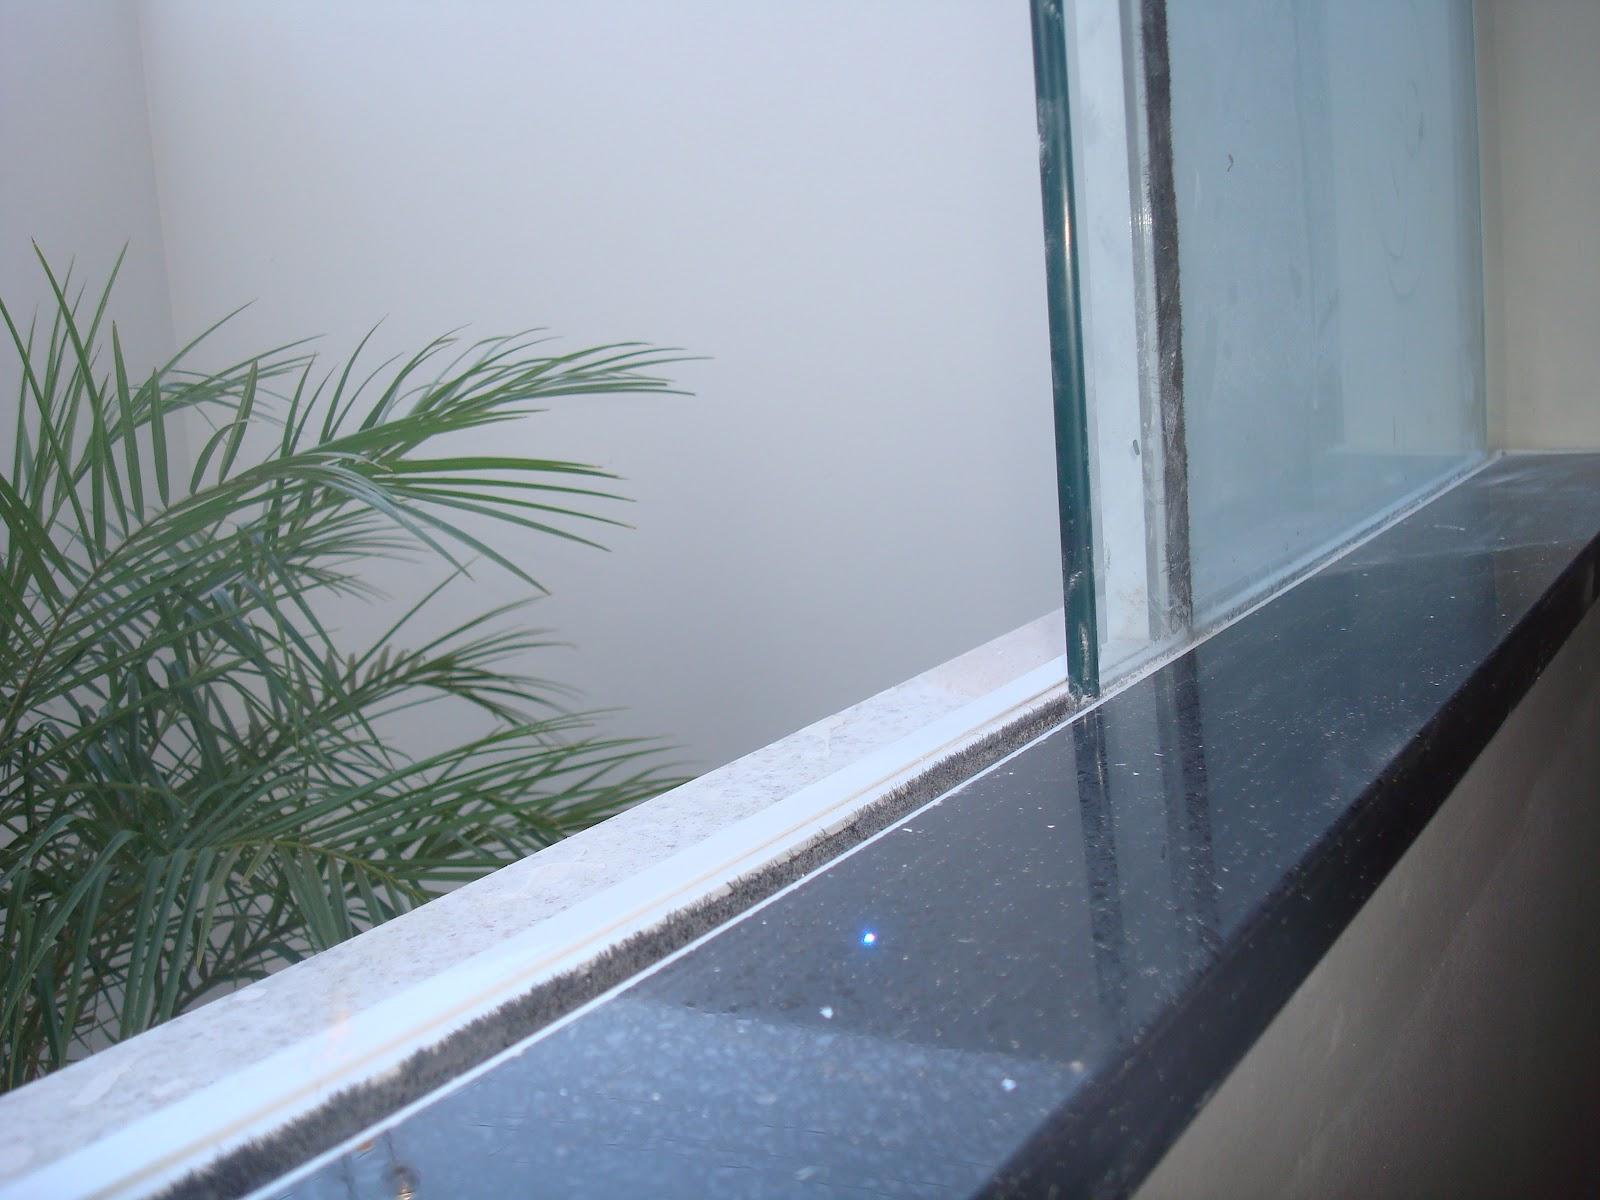 #4A5E81 Cozinha virada em 1/2 esquadria Ouro Negro uma pedra só reta. 1600x1200 px janela banheiro branca